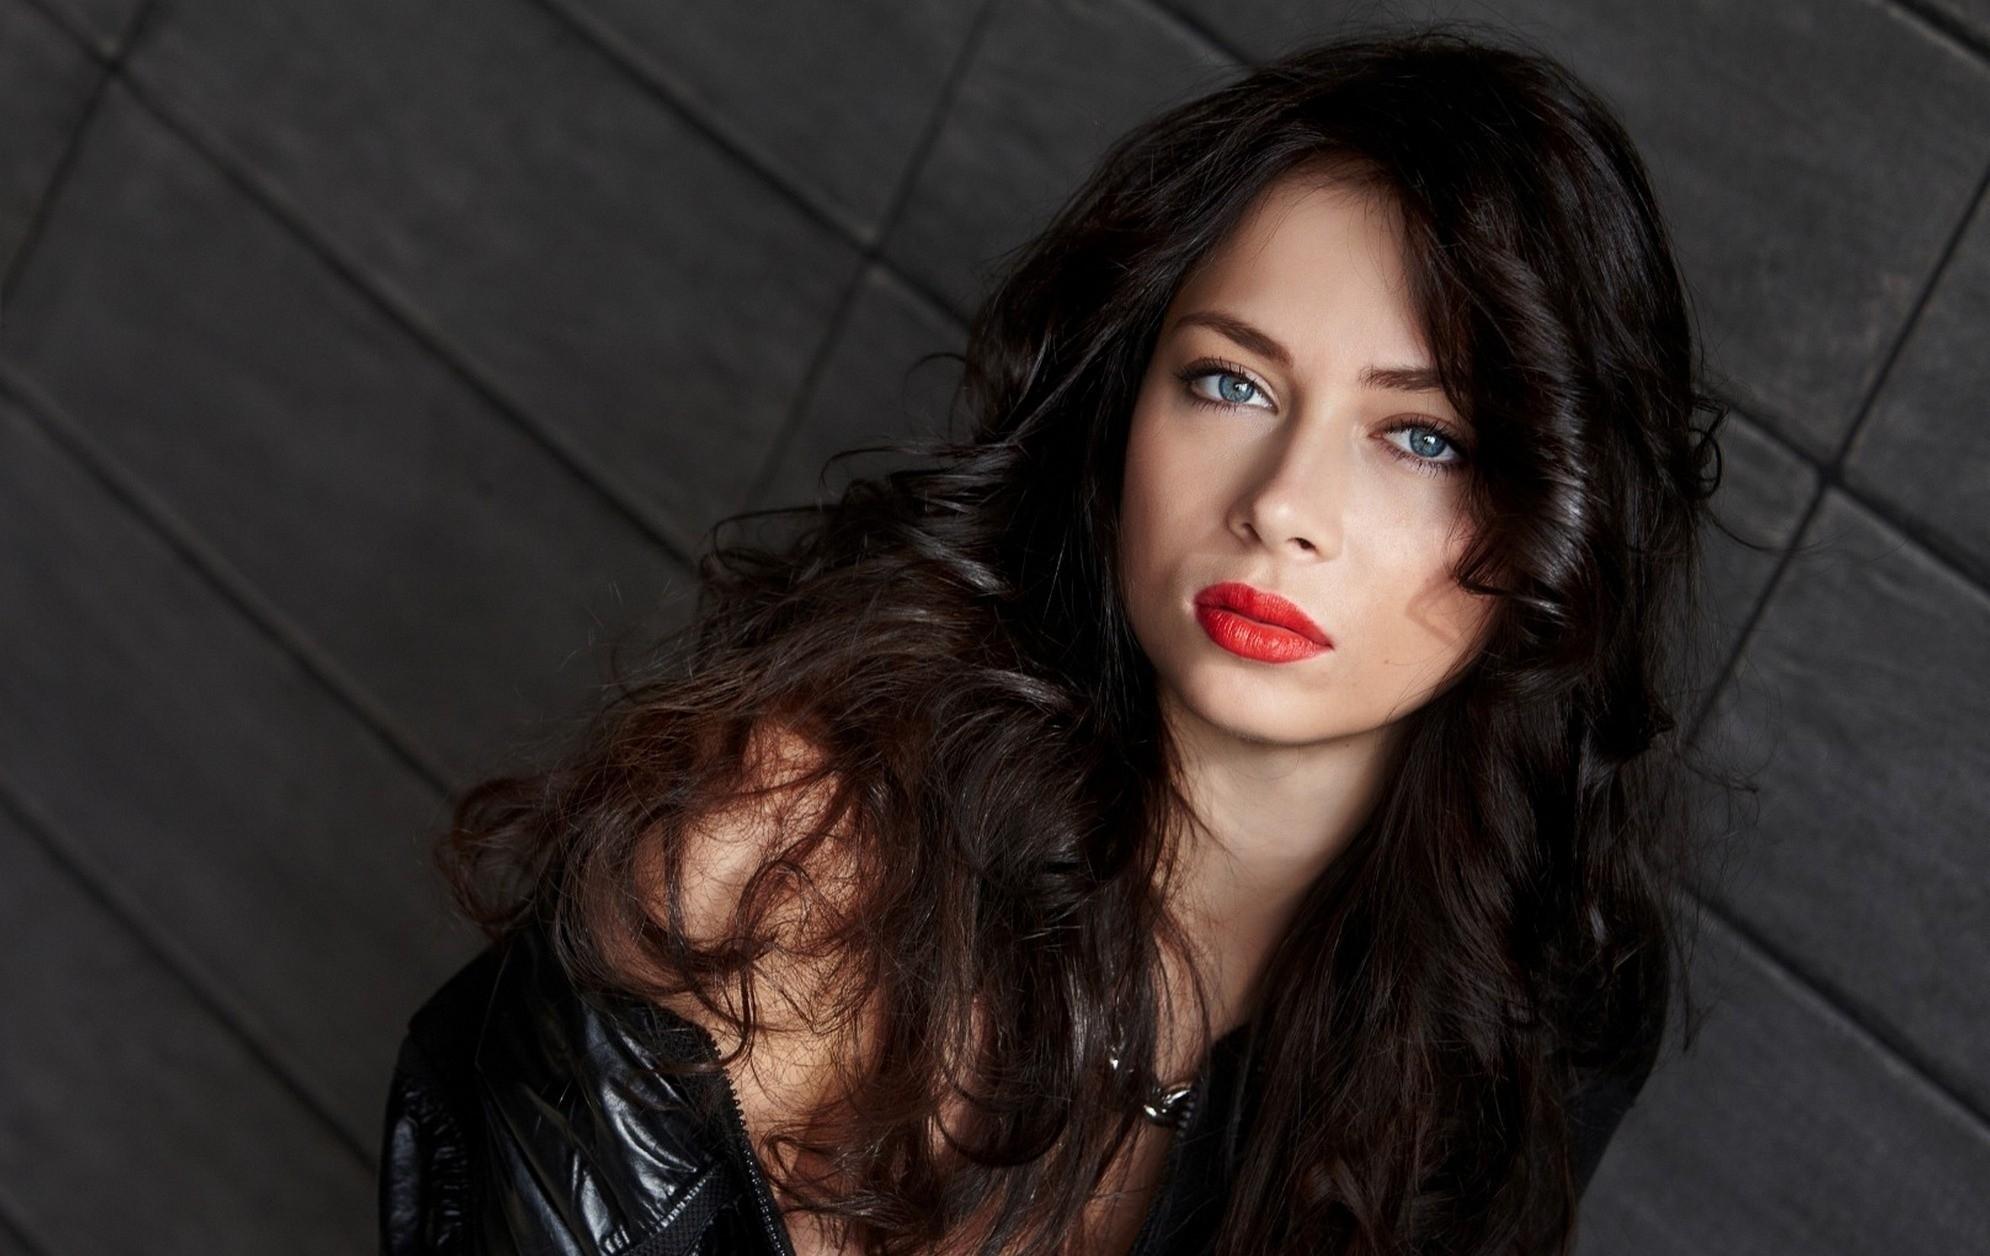 <p>Настасья Самбурская</p> <p>Фото:&nbsp;Официальный сайт</p>